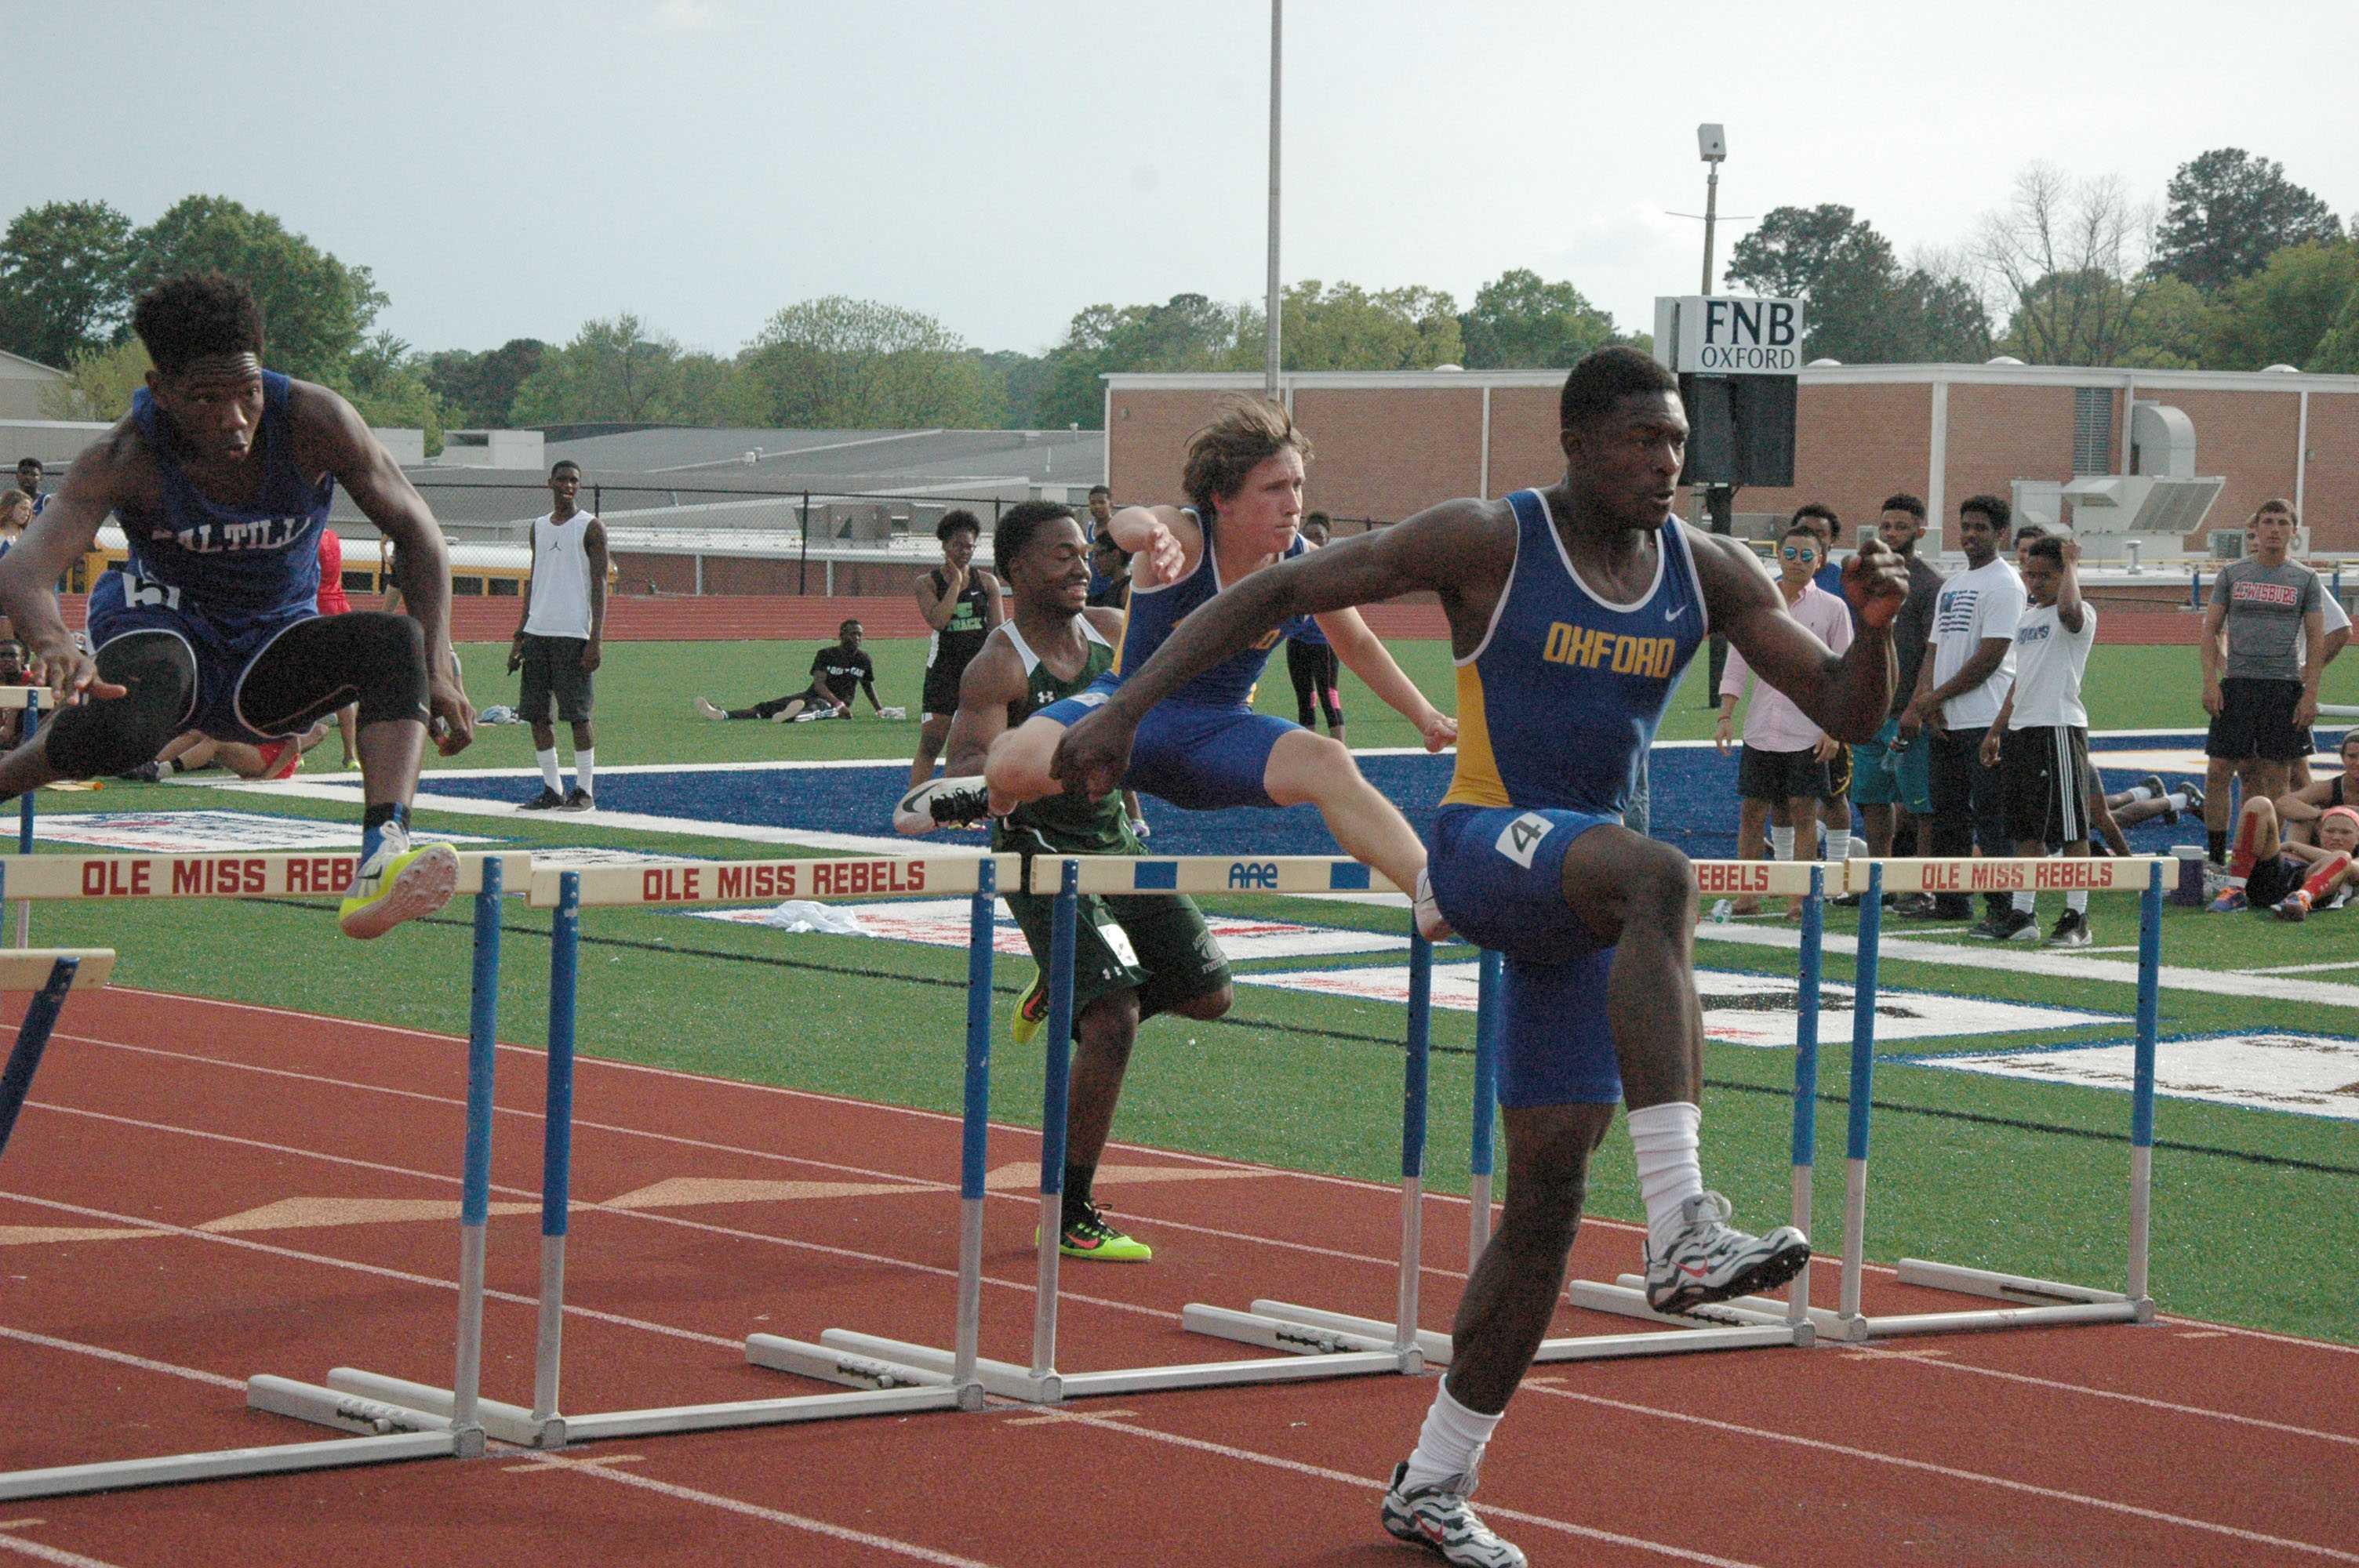 DK+Metcalf+and+Jared+Redding+running+the+boys%27+110+meter+hurdles.